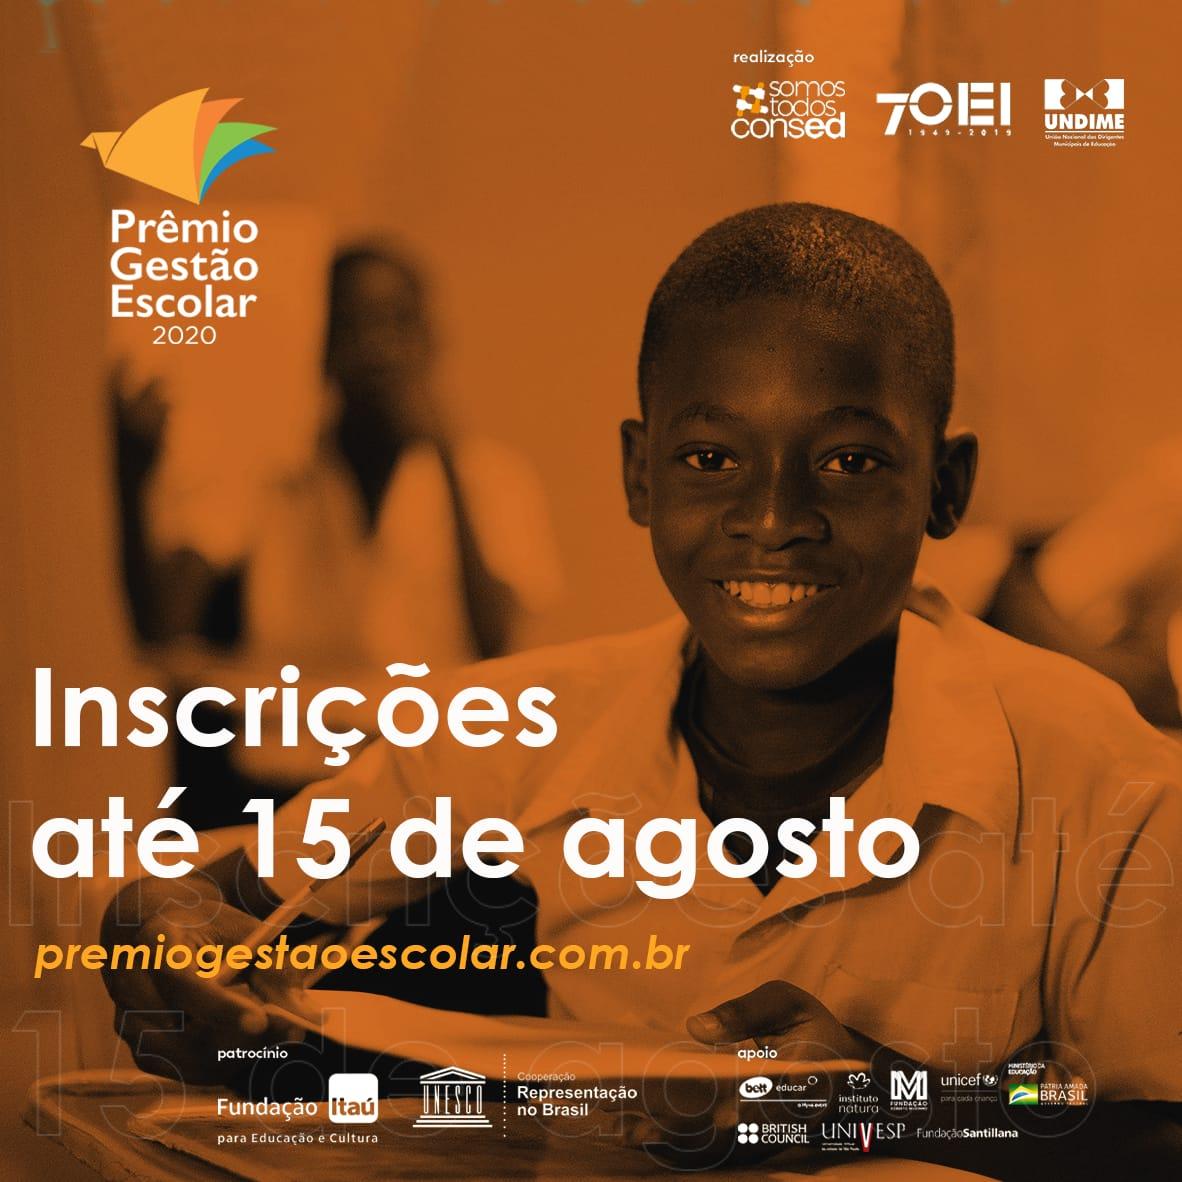 Inscrições para o Prêmio Gestão Escolar 2020 estão abertas até 15 de agosto